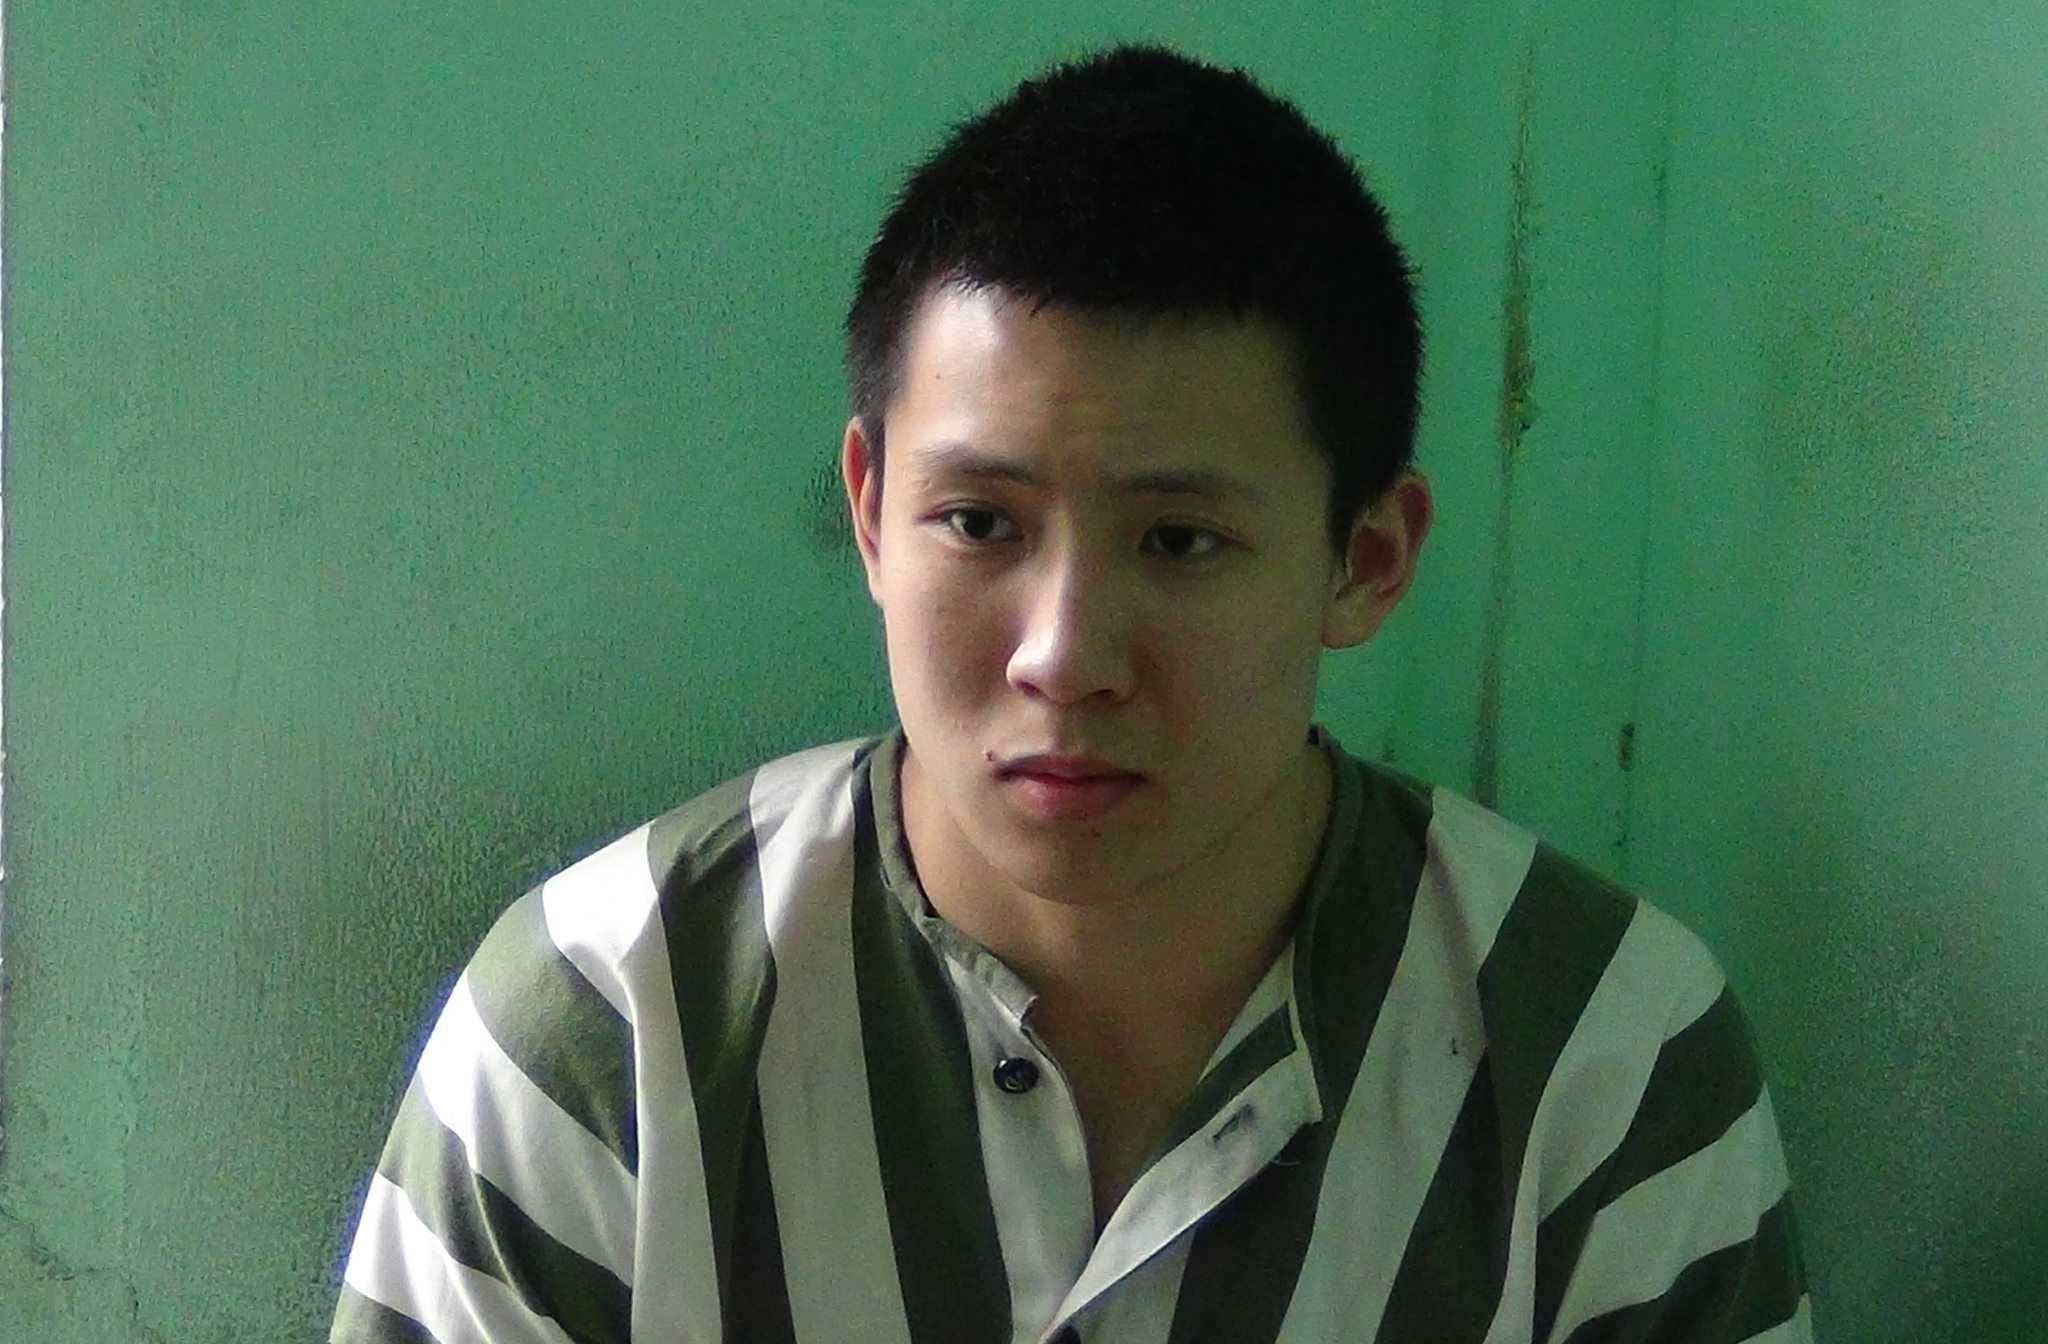 Đối tượng Nguyễn Hoàng Minh